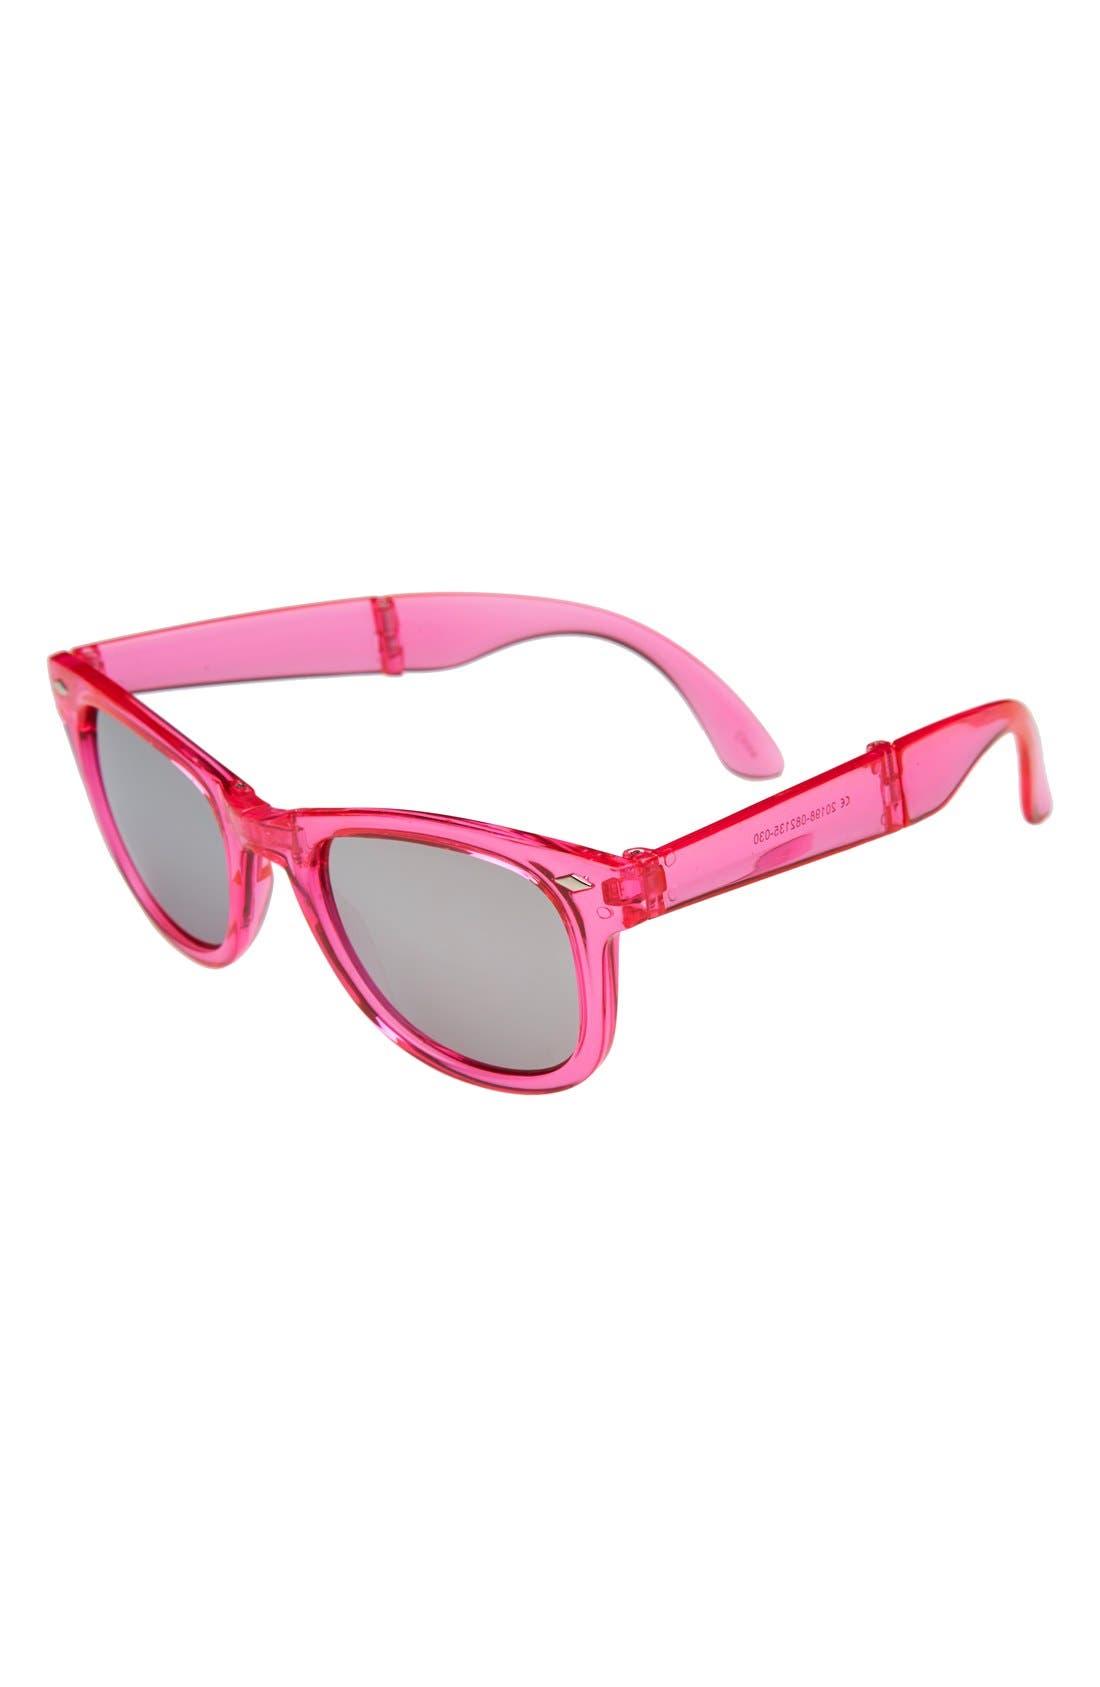 Alternate Image 1 Selected - Icon Eyewear Foldable Sunglasses (Girls)